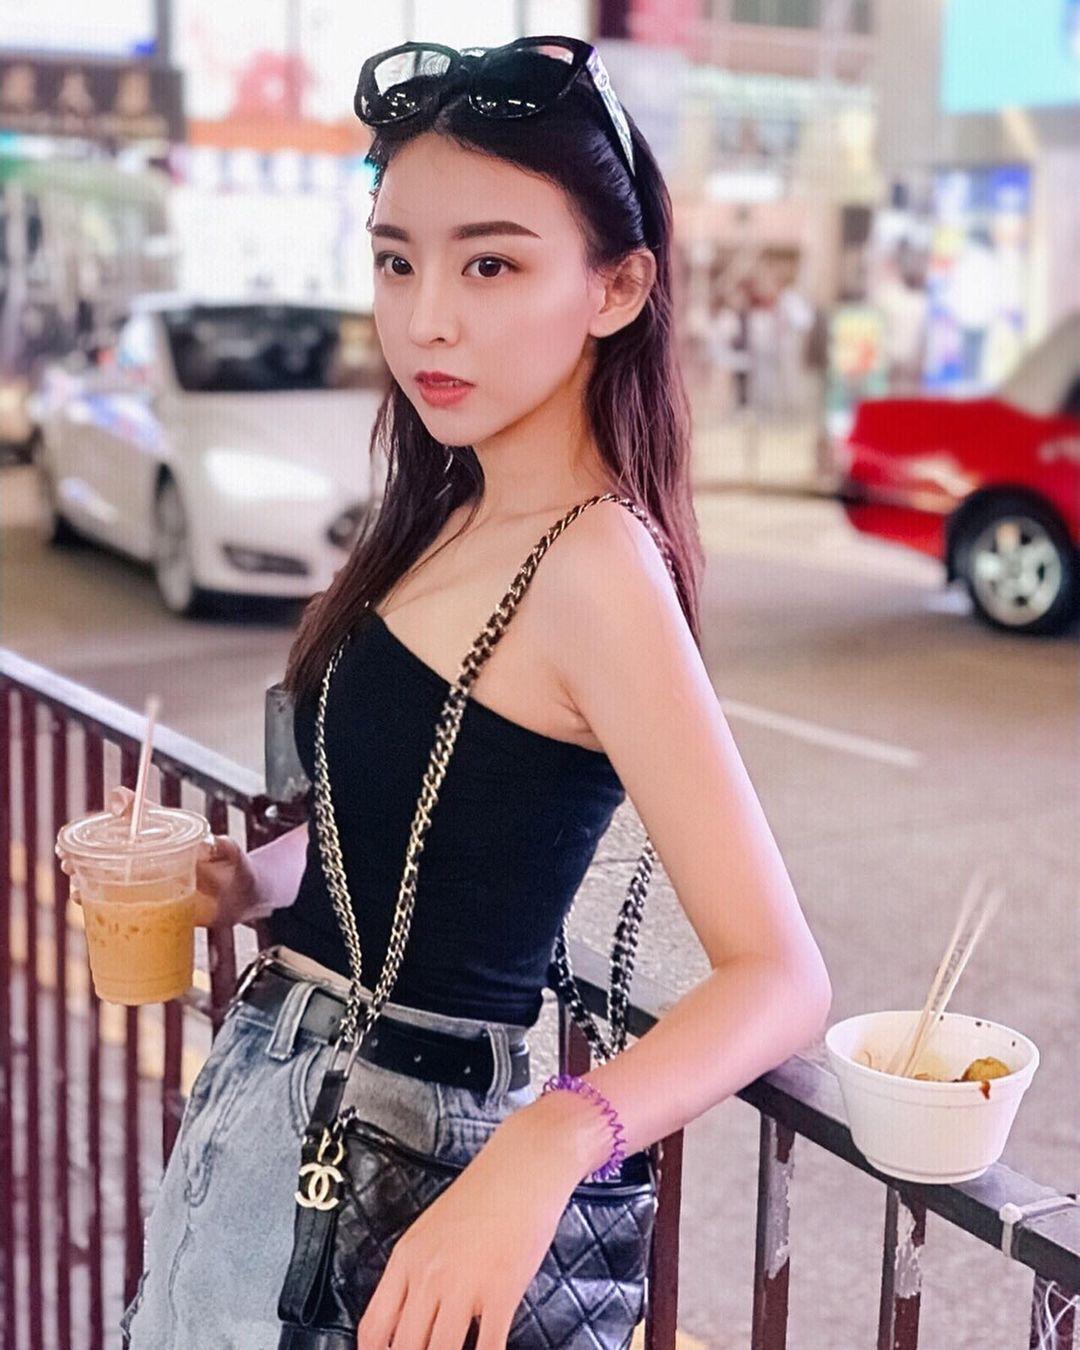 永丰金美女理专「Fei霏霏」气质超仙网友:想把我的两亿给她理 网络美女 第3张